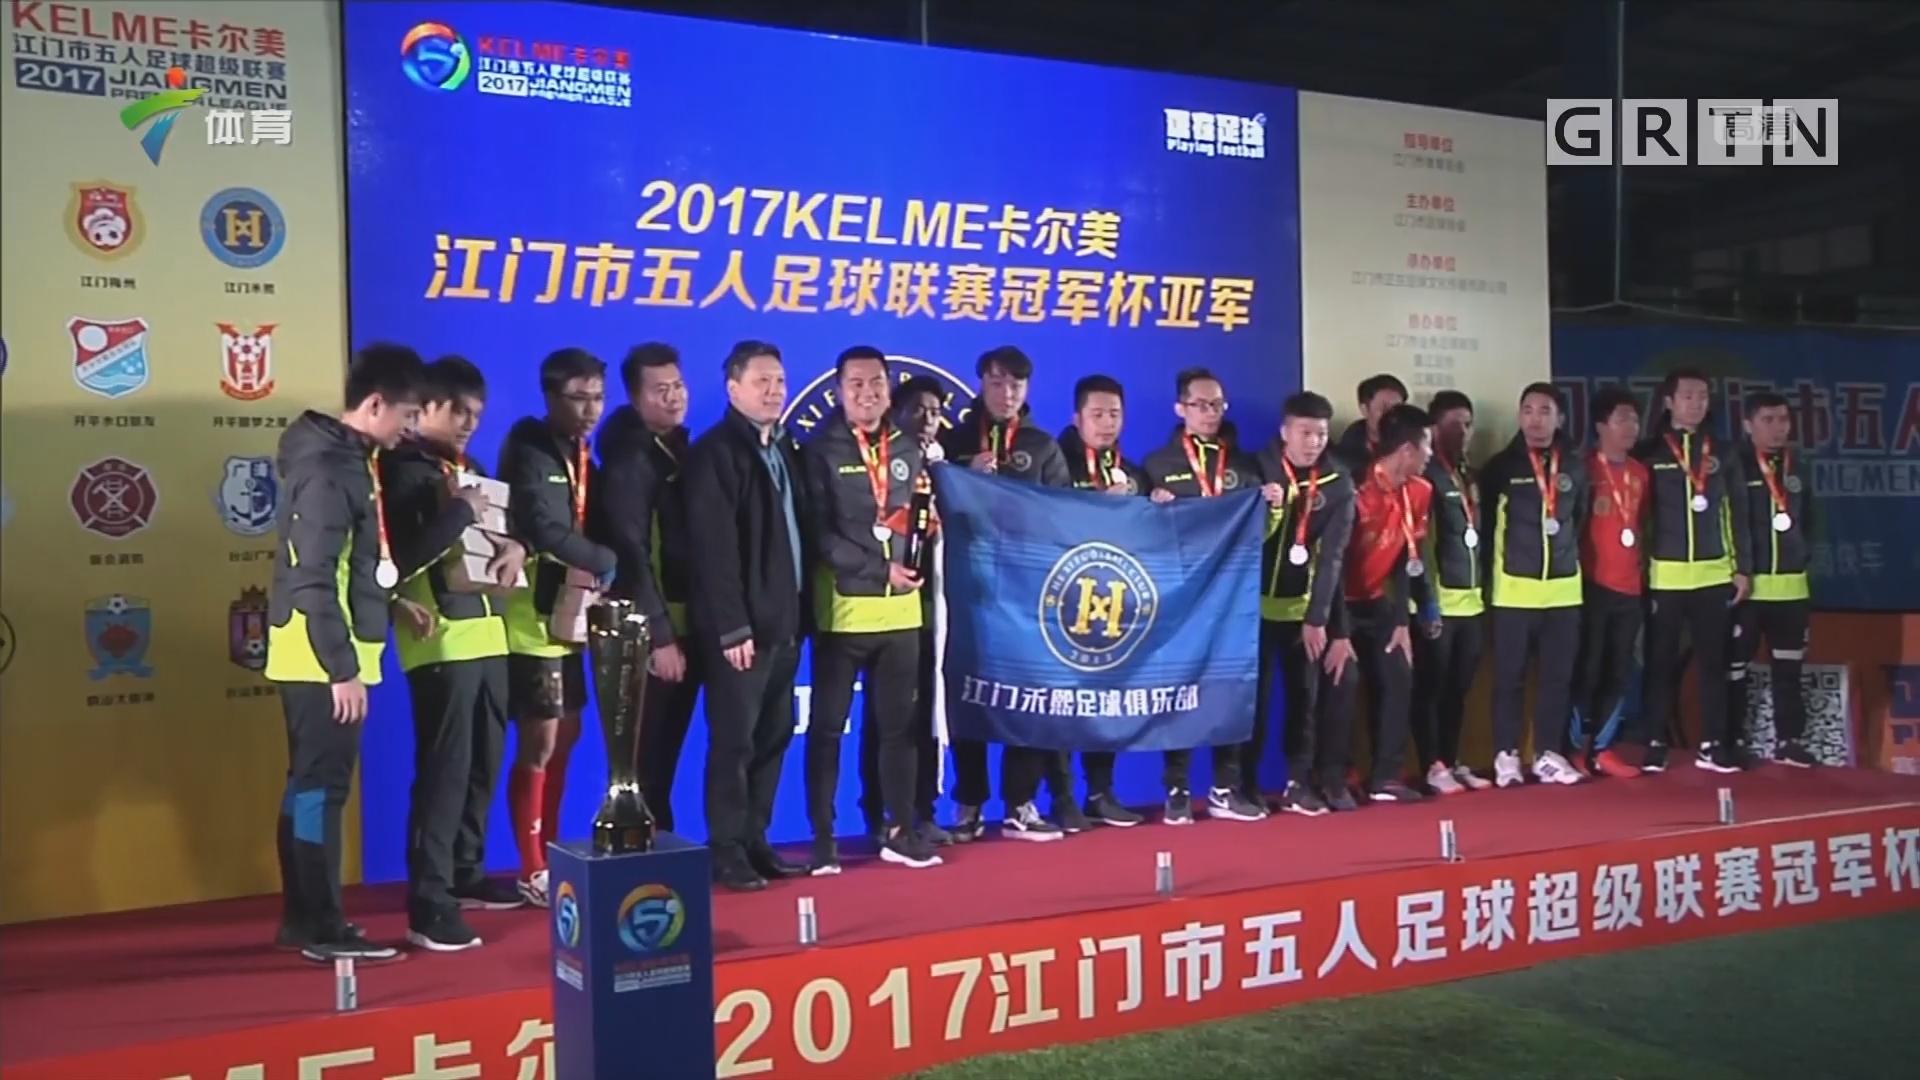 2017江门市五人足球超级联赛完美收官